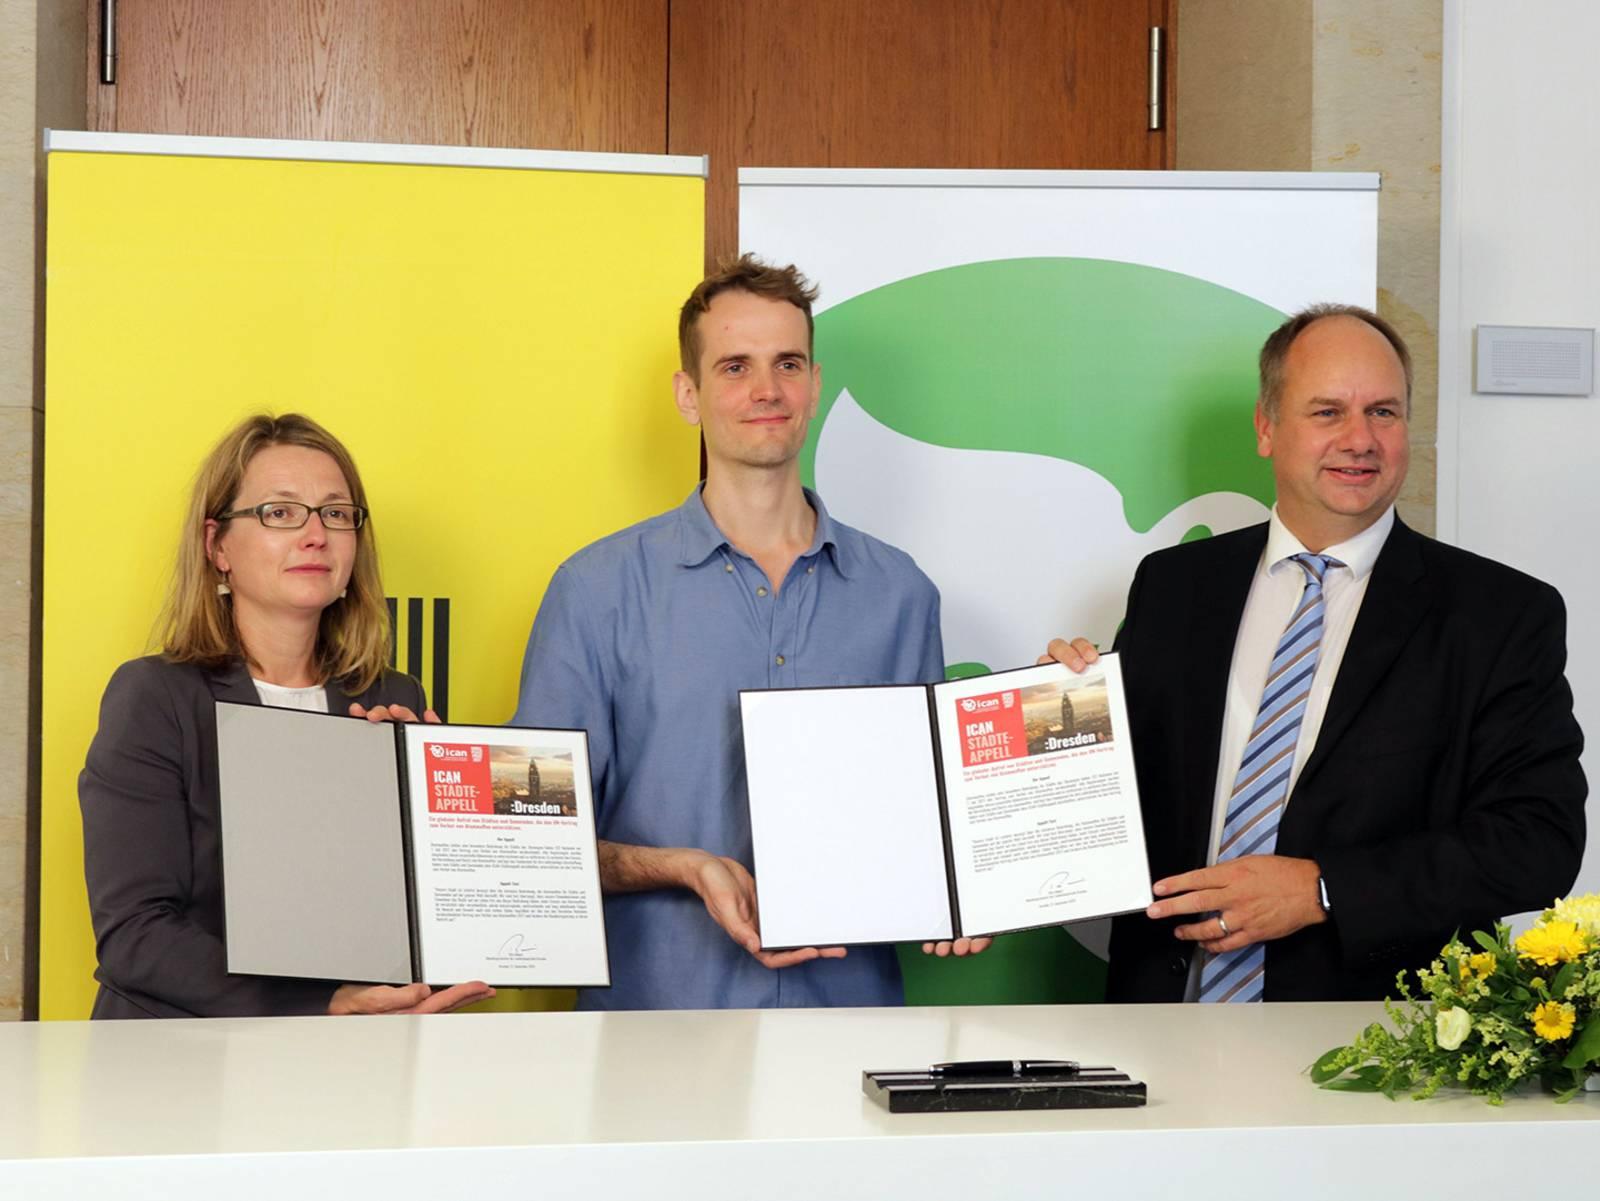 Drei Personen posieren mit zwei aufgeschlagenen Mappen.